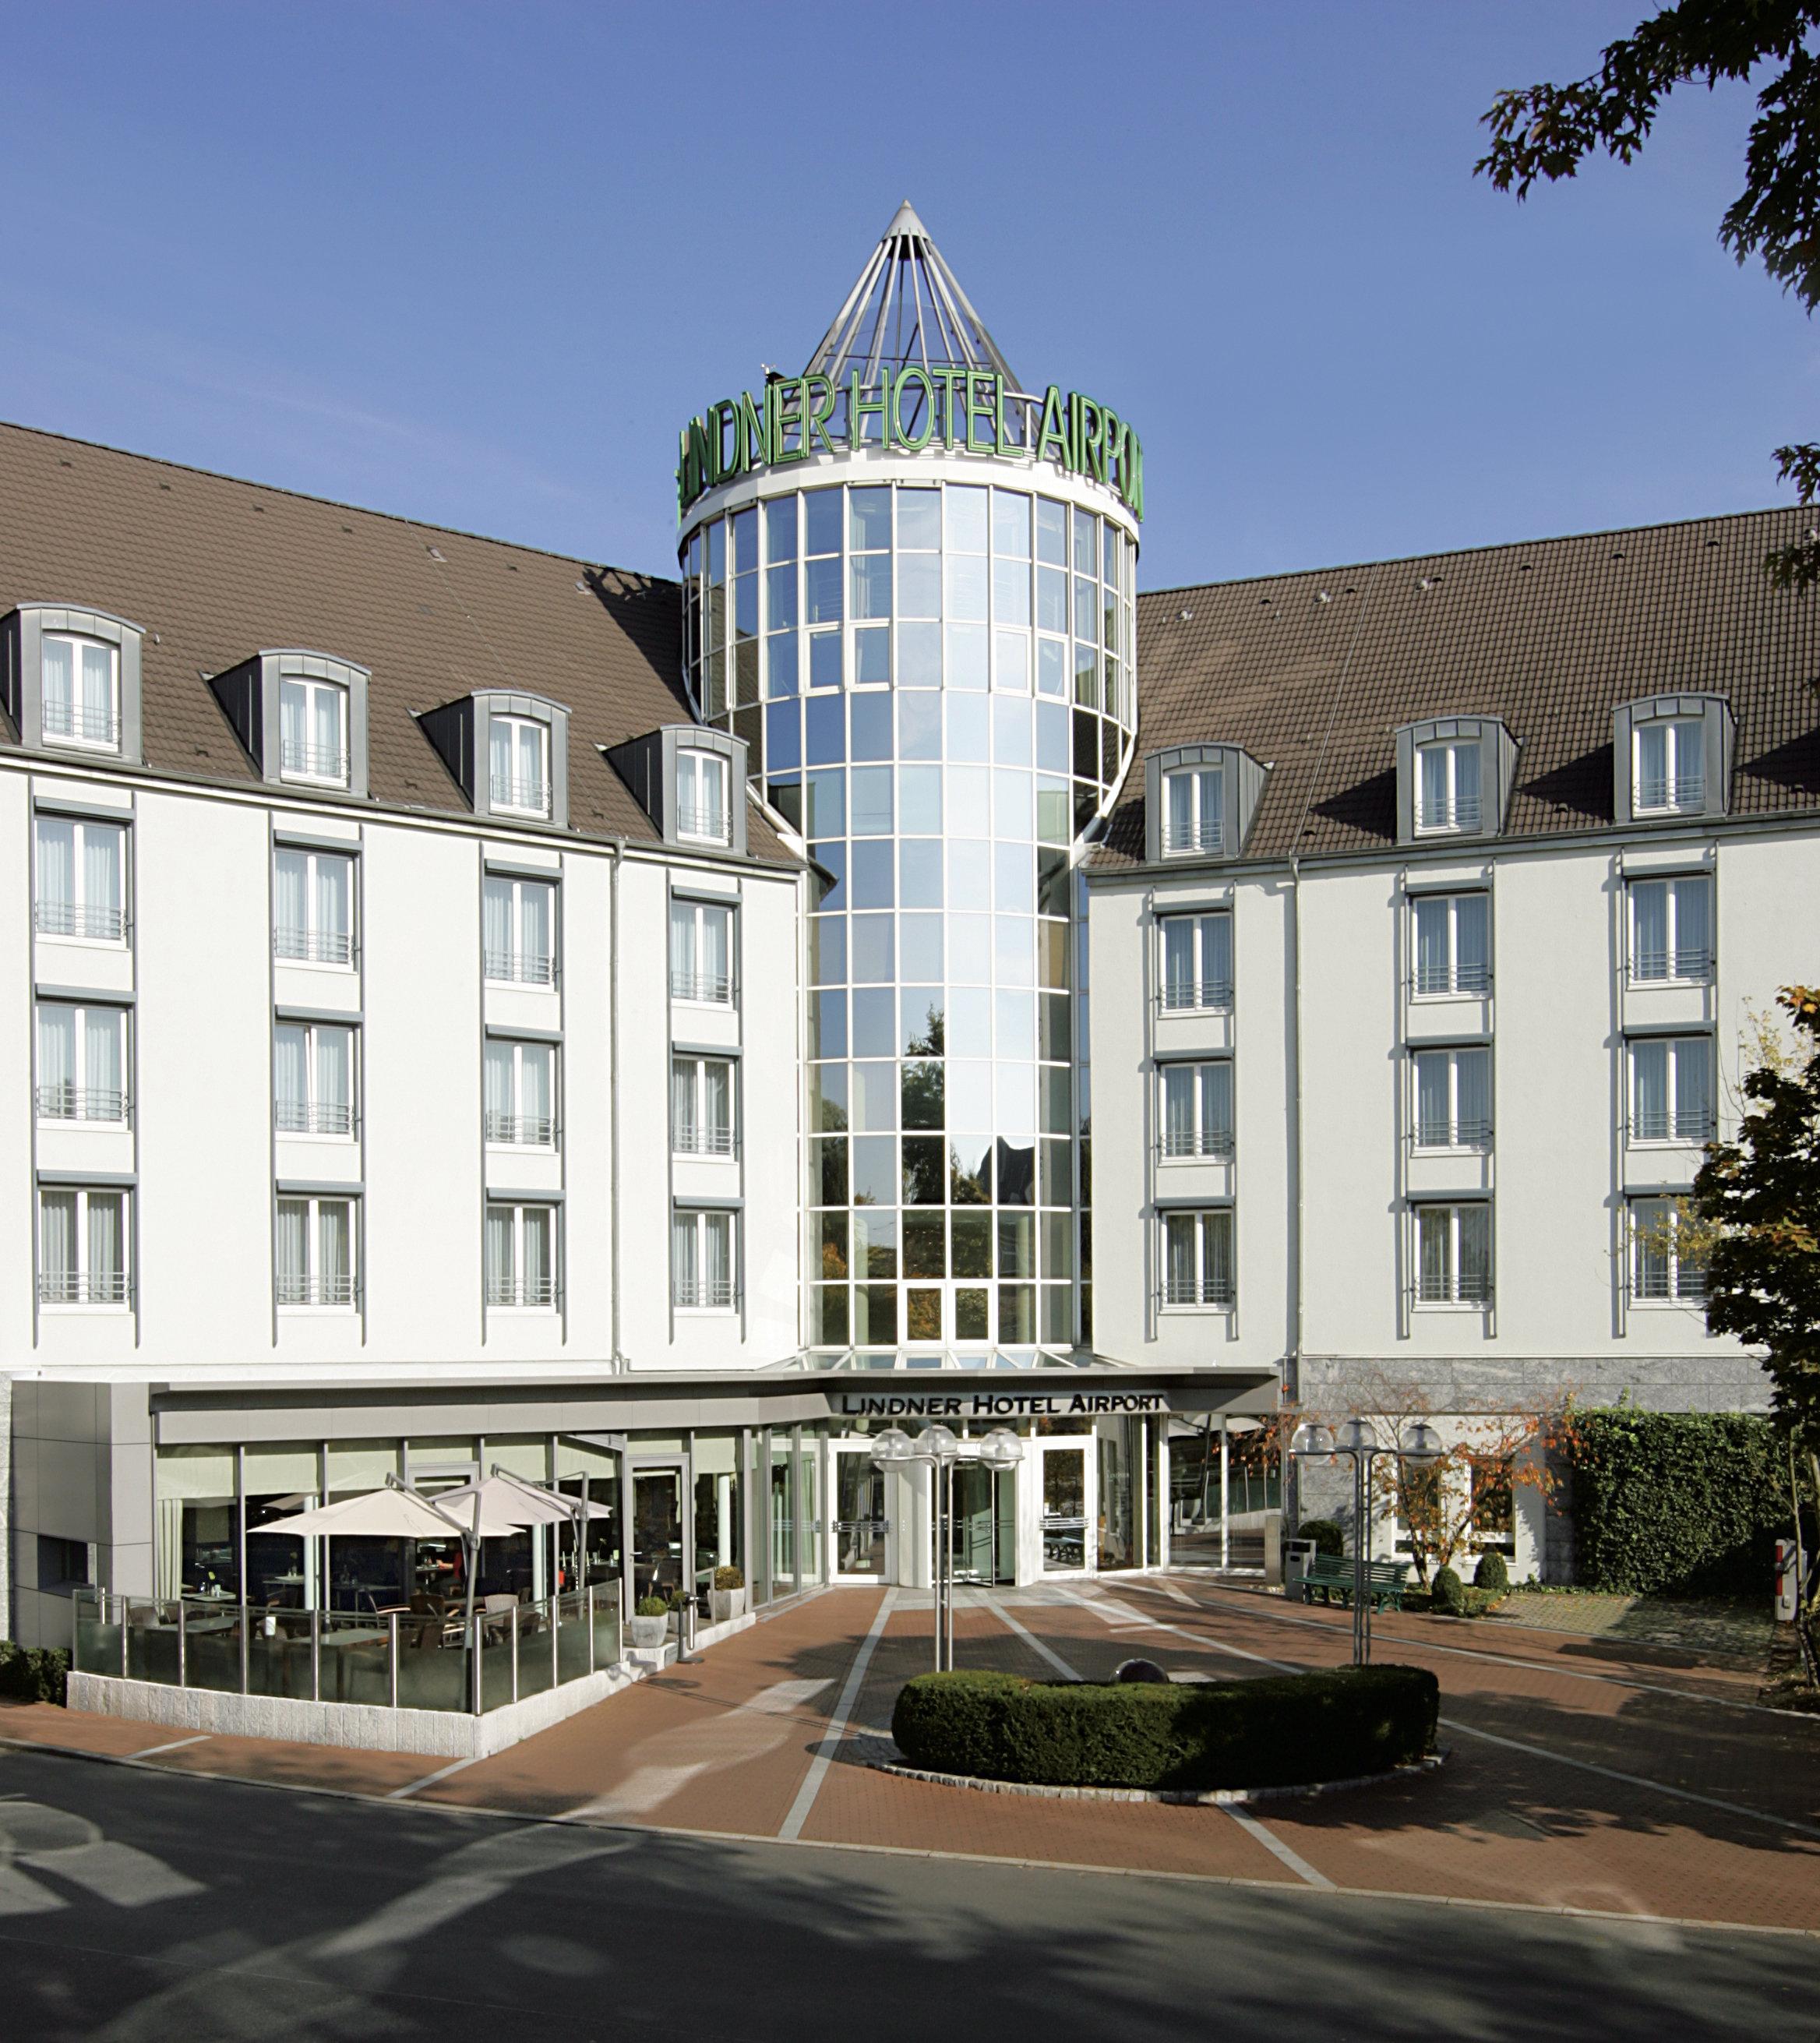 Hotel Dusseldorf Top Hotels Gunstig Bei Hrs Buchen